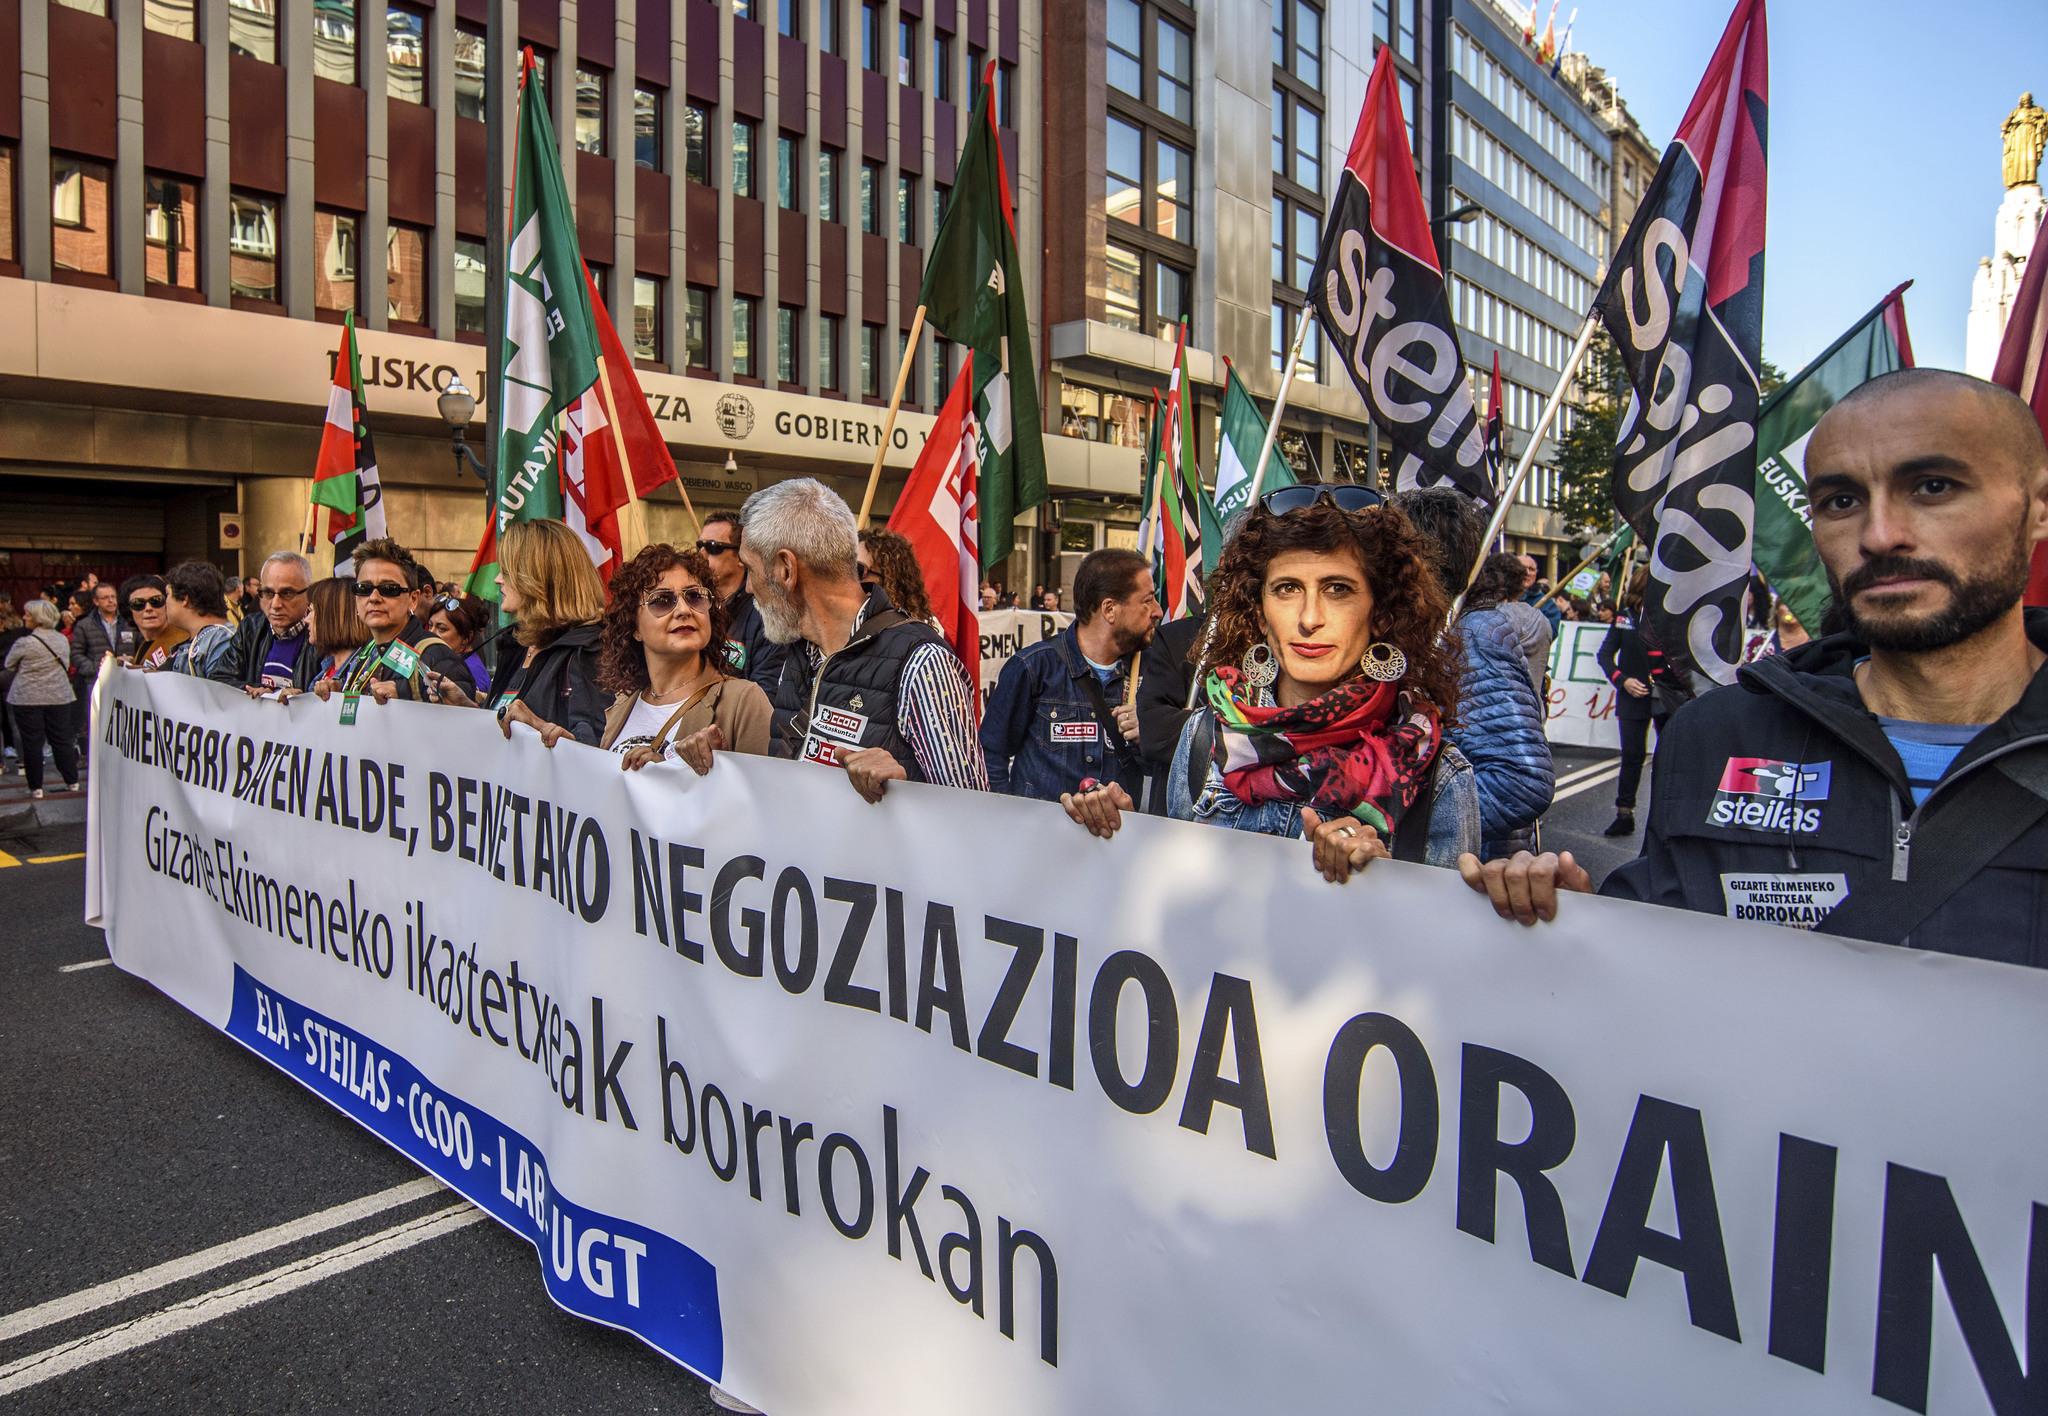 Los sindicatos de la concertada endurecen sus posturas y convocan otros diez días de paro en enero | País Vasco